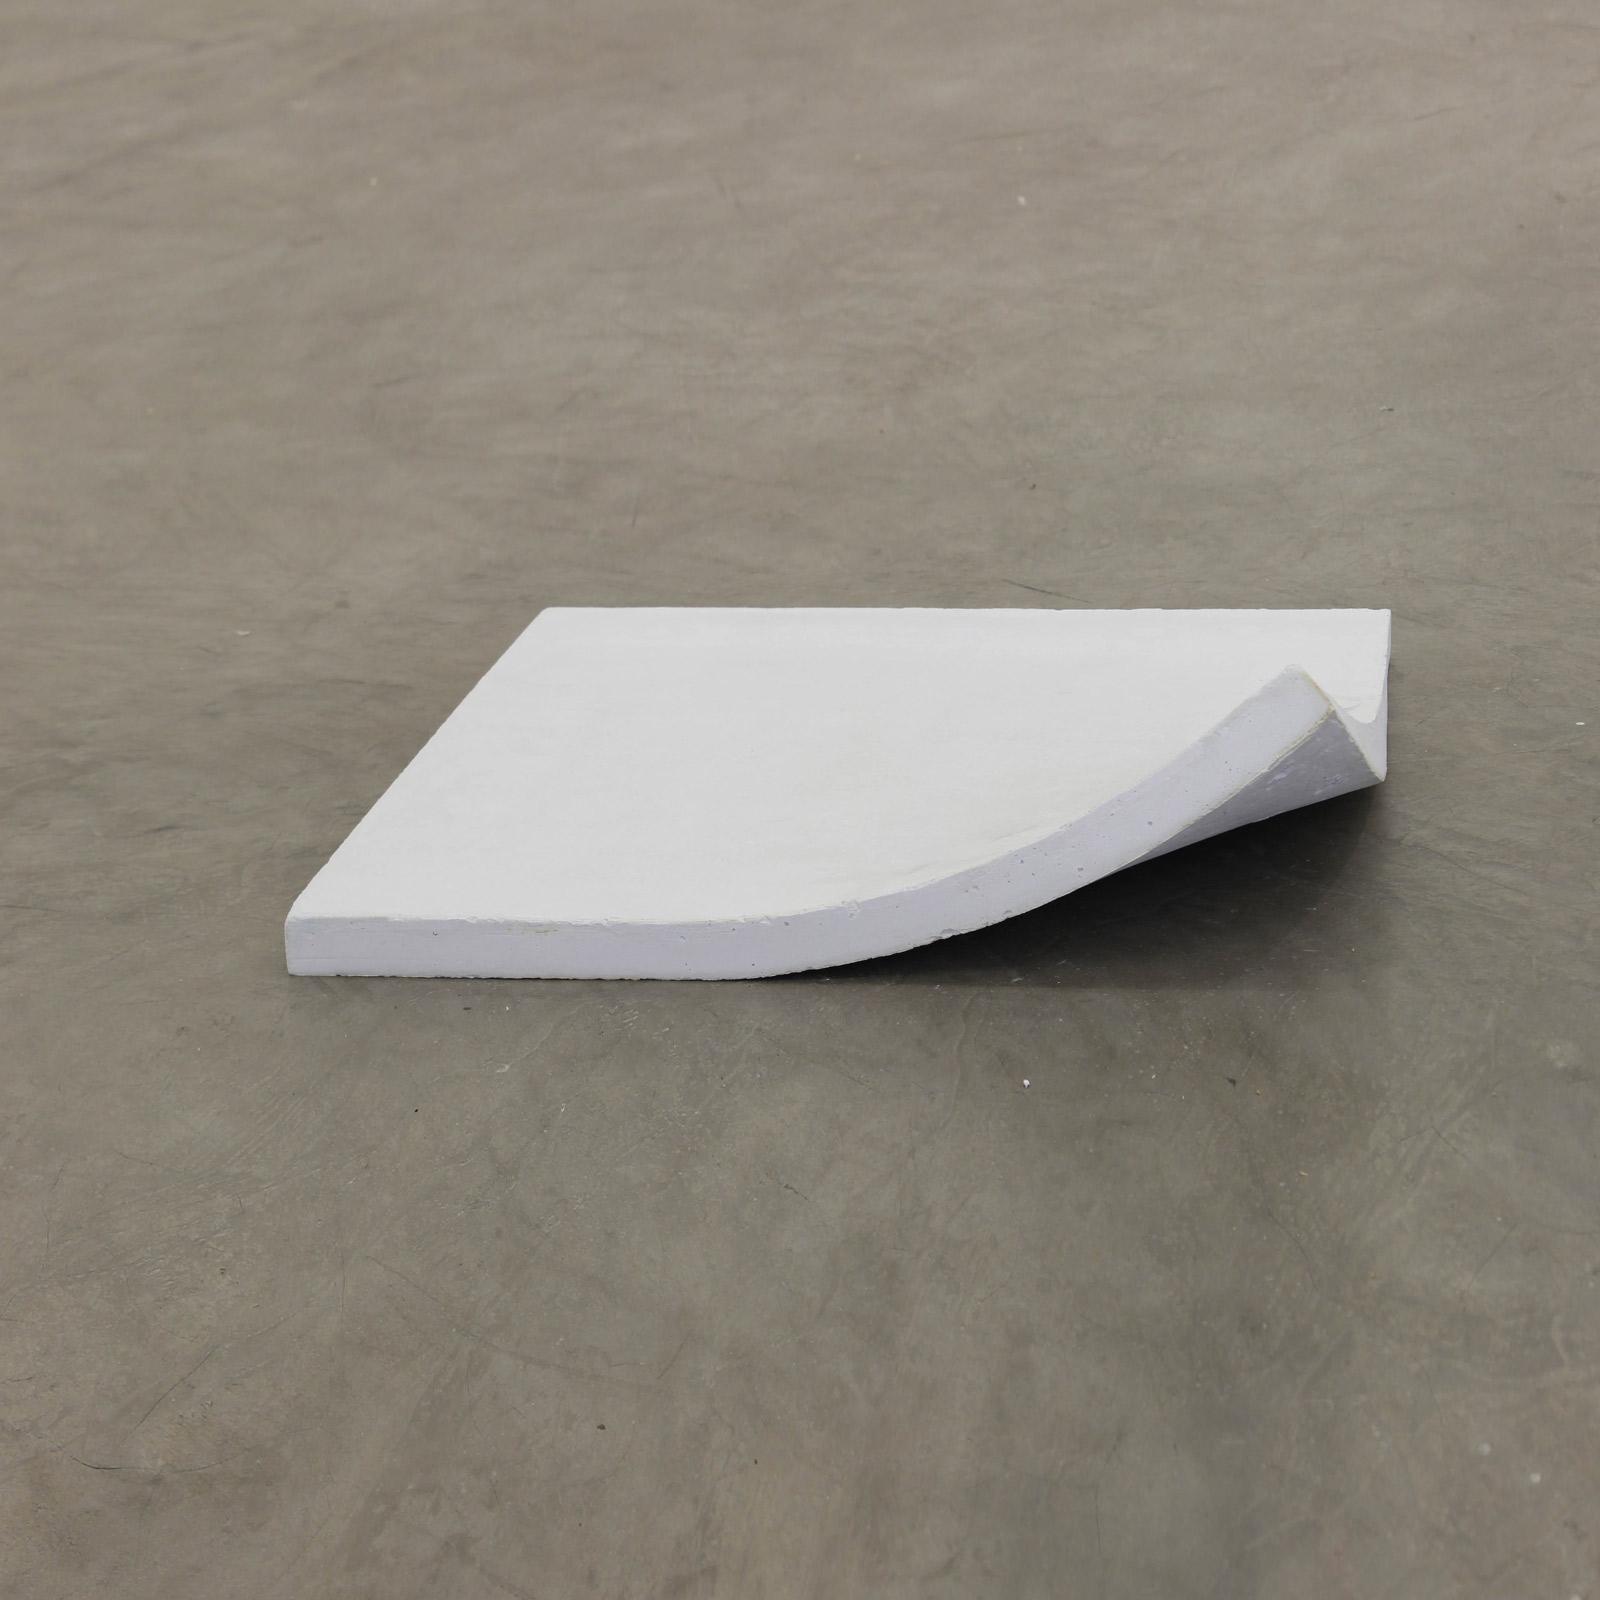 sem título , 2016  concreto  55 x 55 x 3,5 cm  edição de 2 + 2 PA